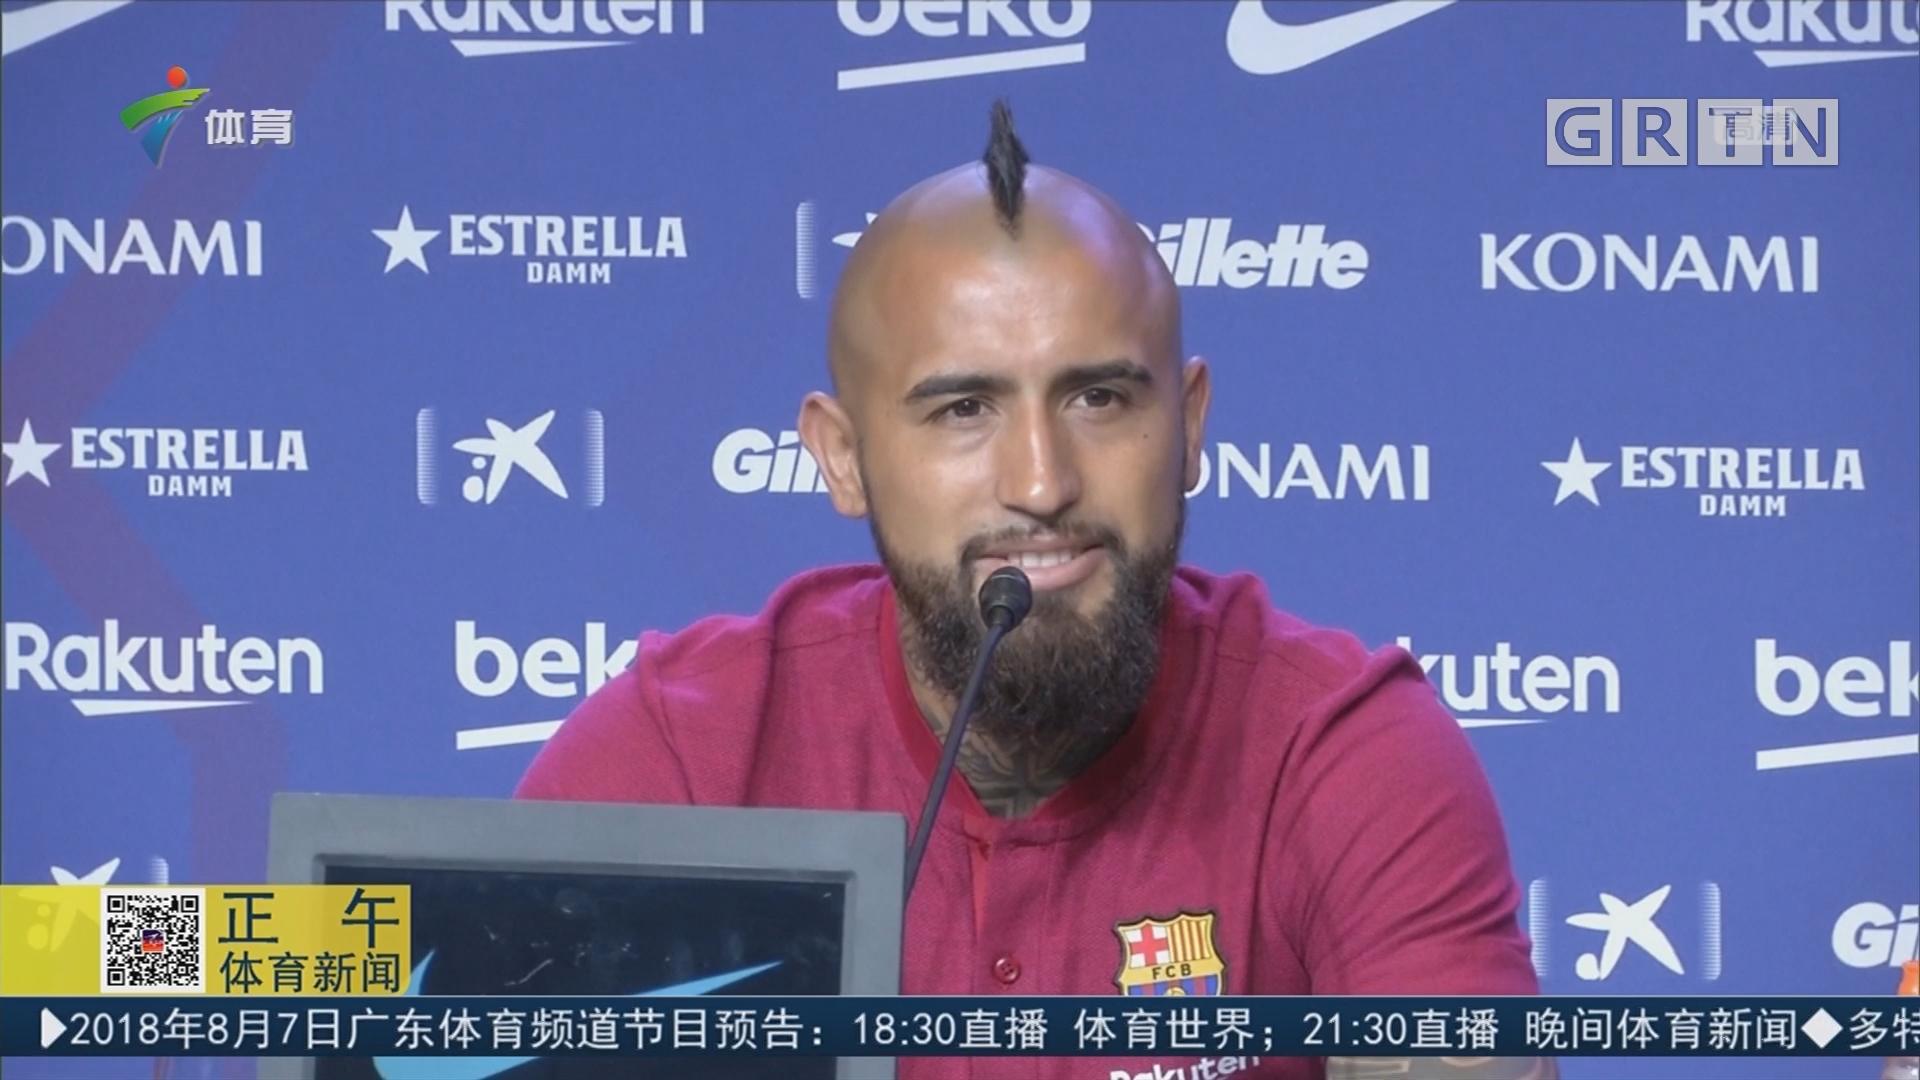 比尔达正式签约加盟巴塞罗那足球俱乐部